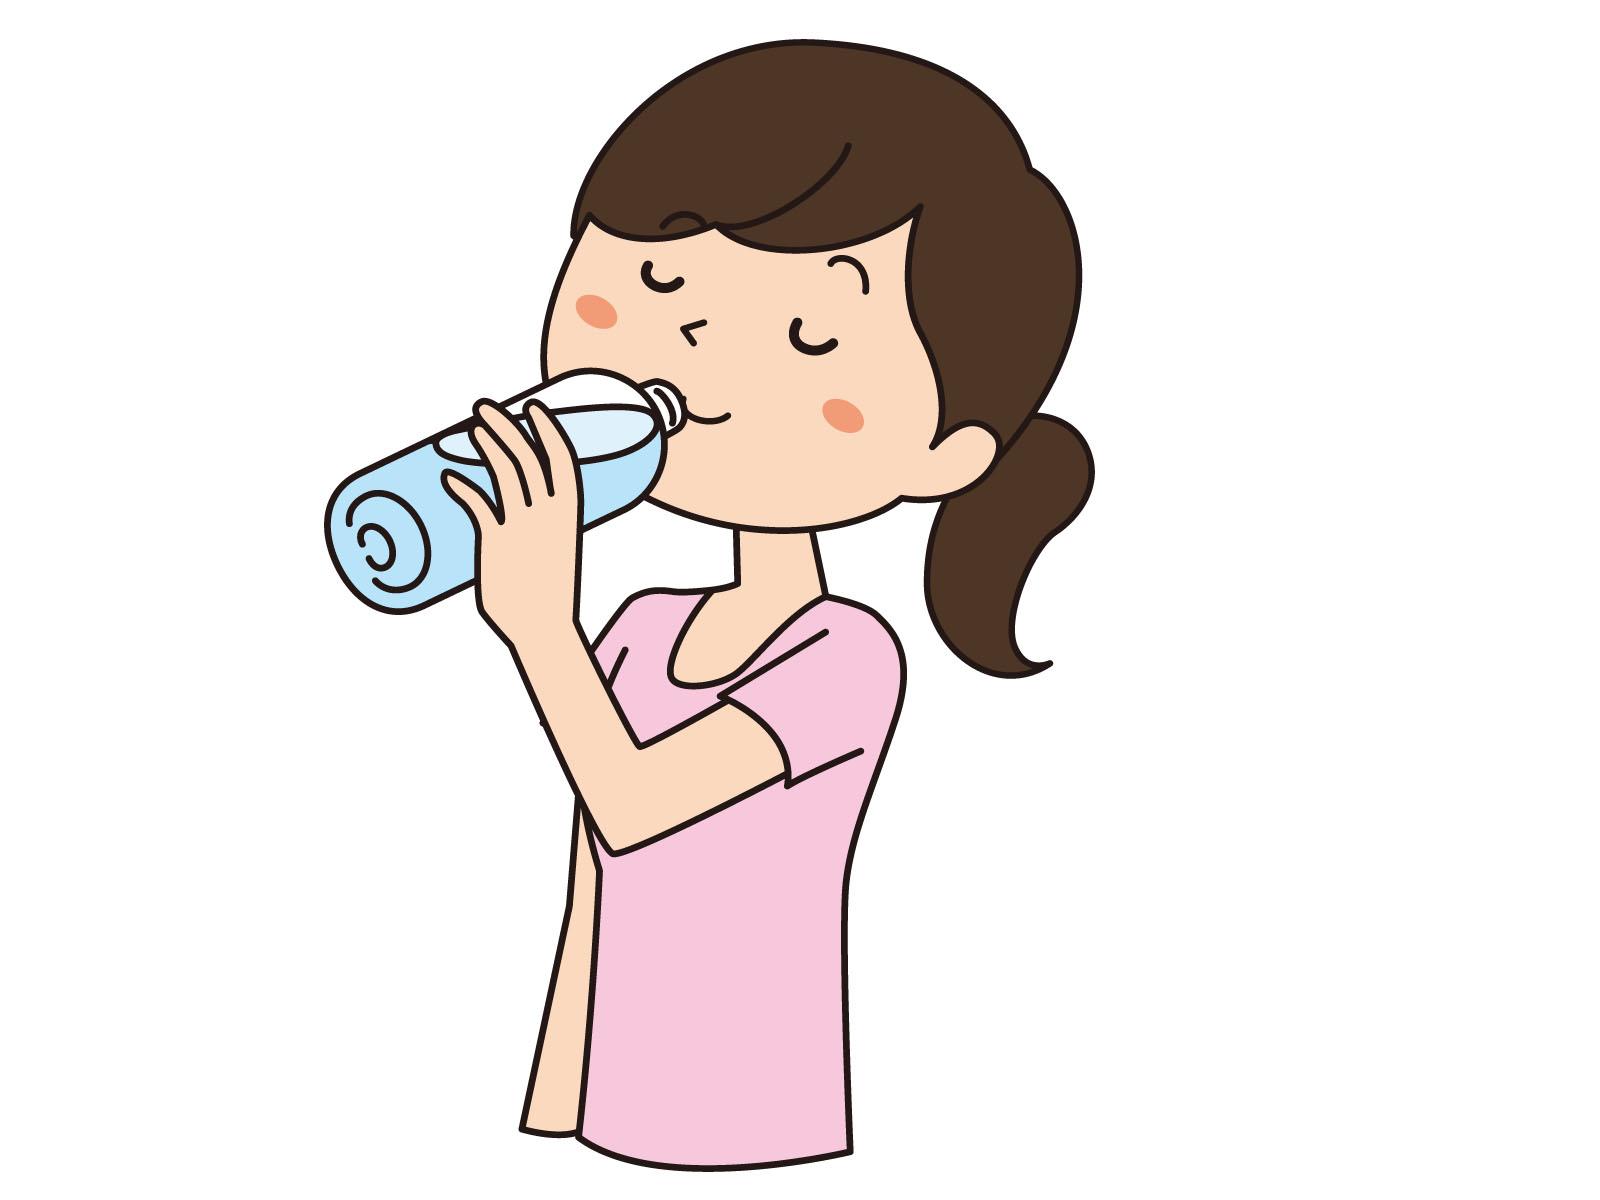 рисунок пьет воду вам